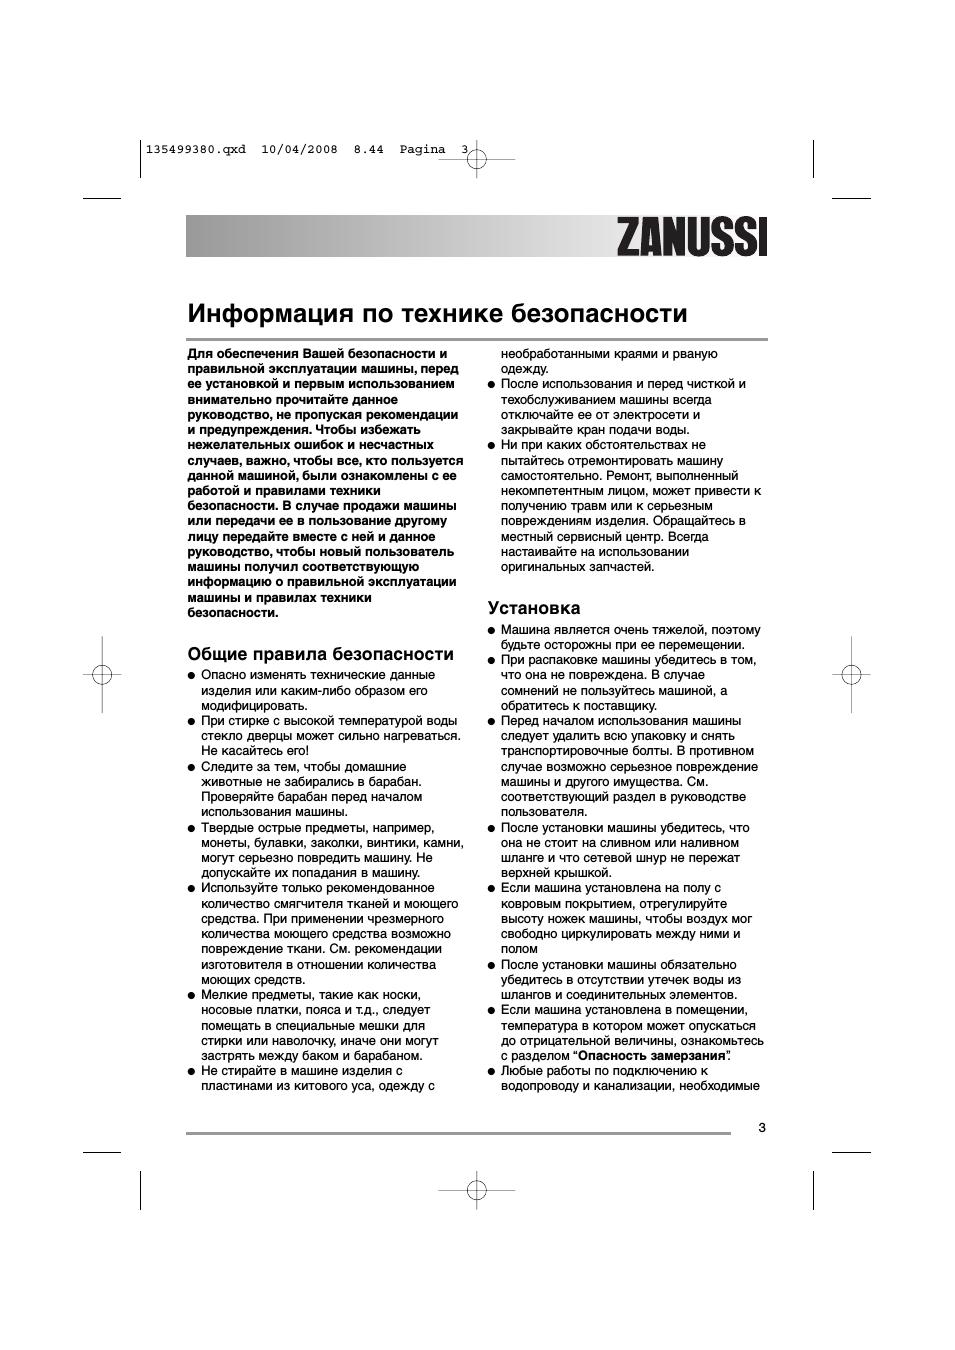 Информация по технике безопасности, Общие правила безопасности, Установка